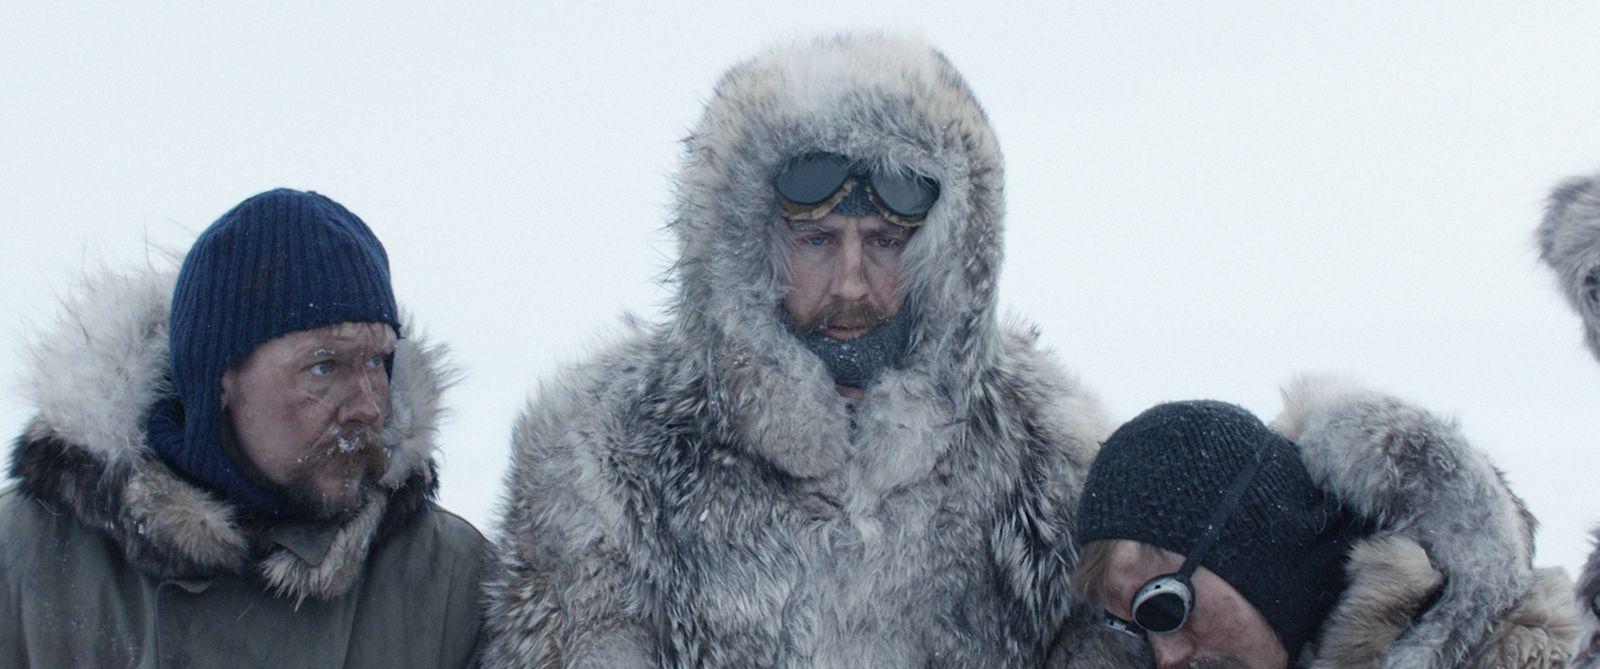 Film Amundsen (2019)